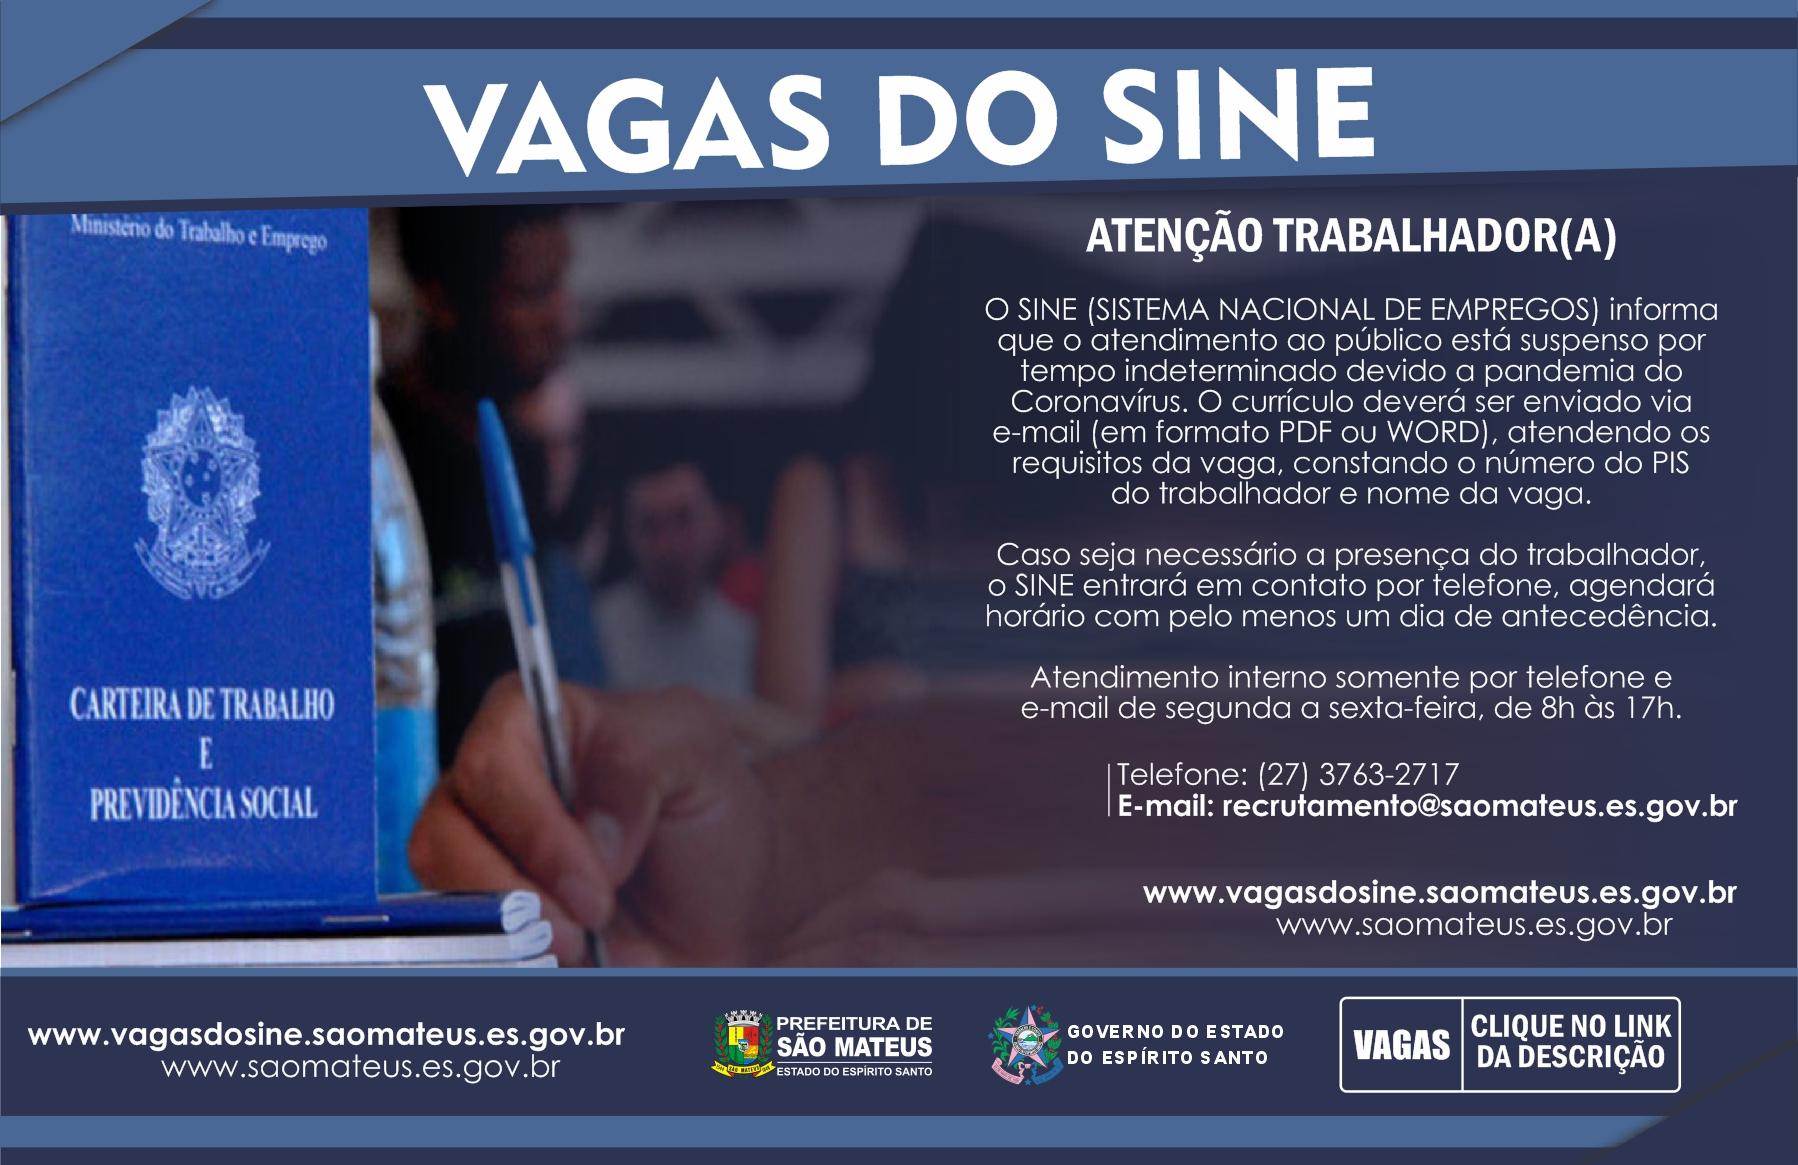 COMUNICADO SINE SÃO MATEUS: ATENÇÃO TRABALHADOR(A)